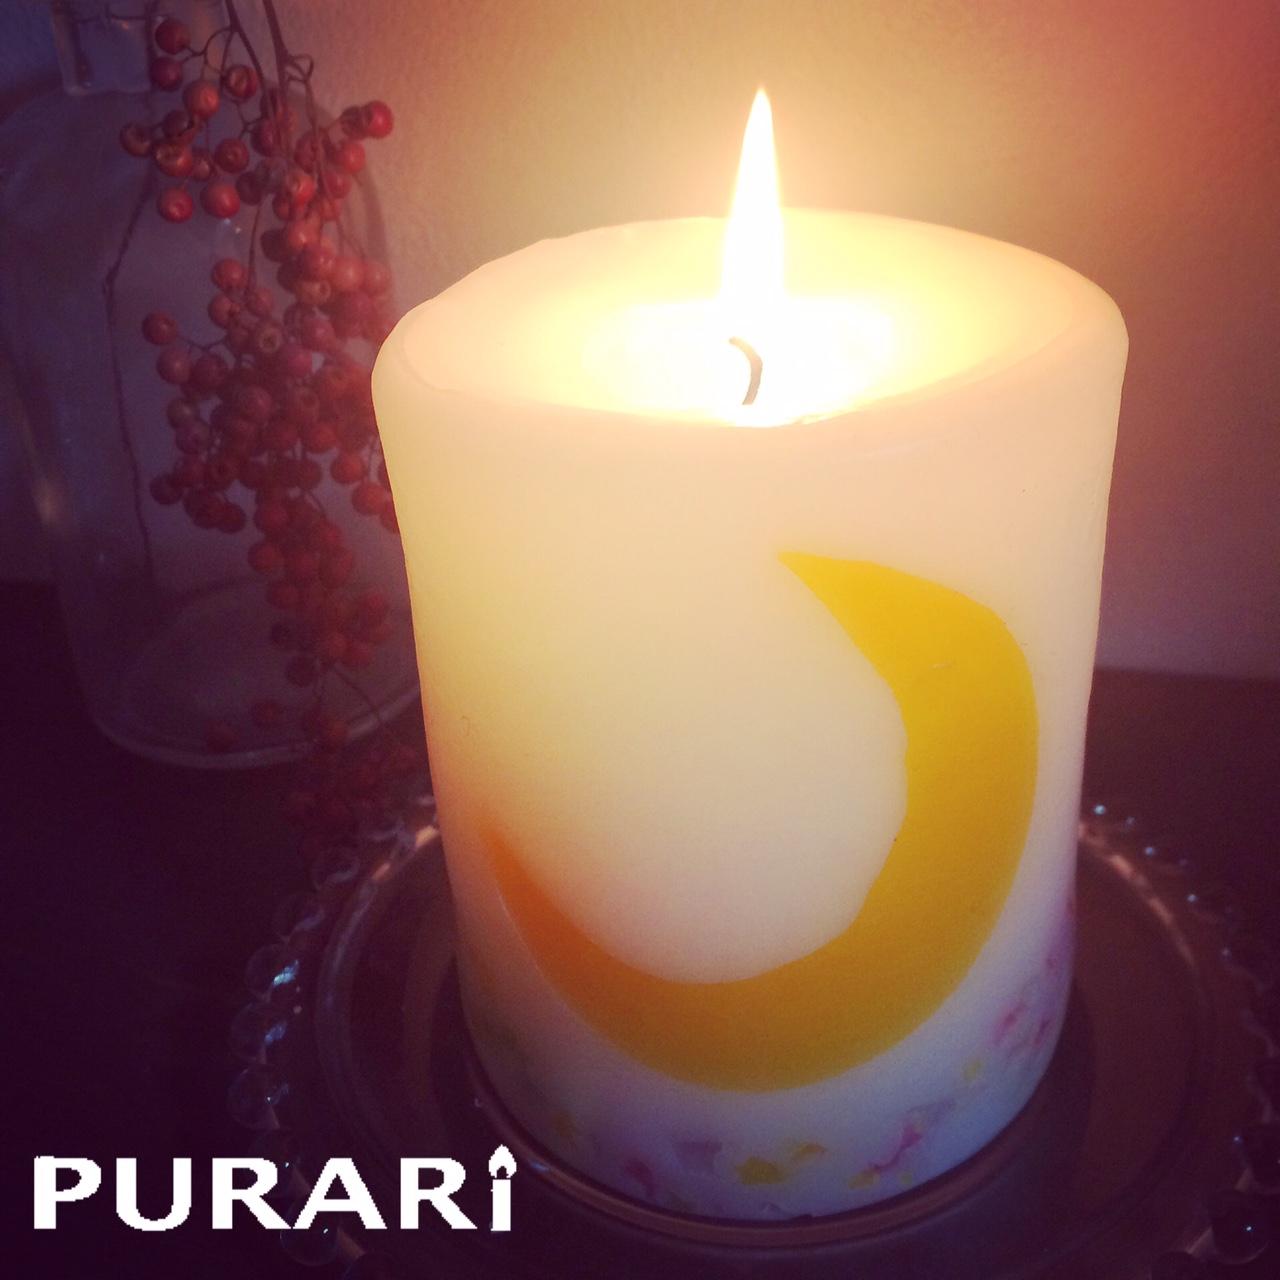 PURARI紹介画像1